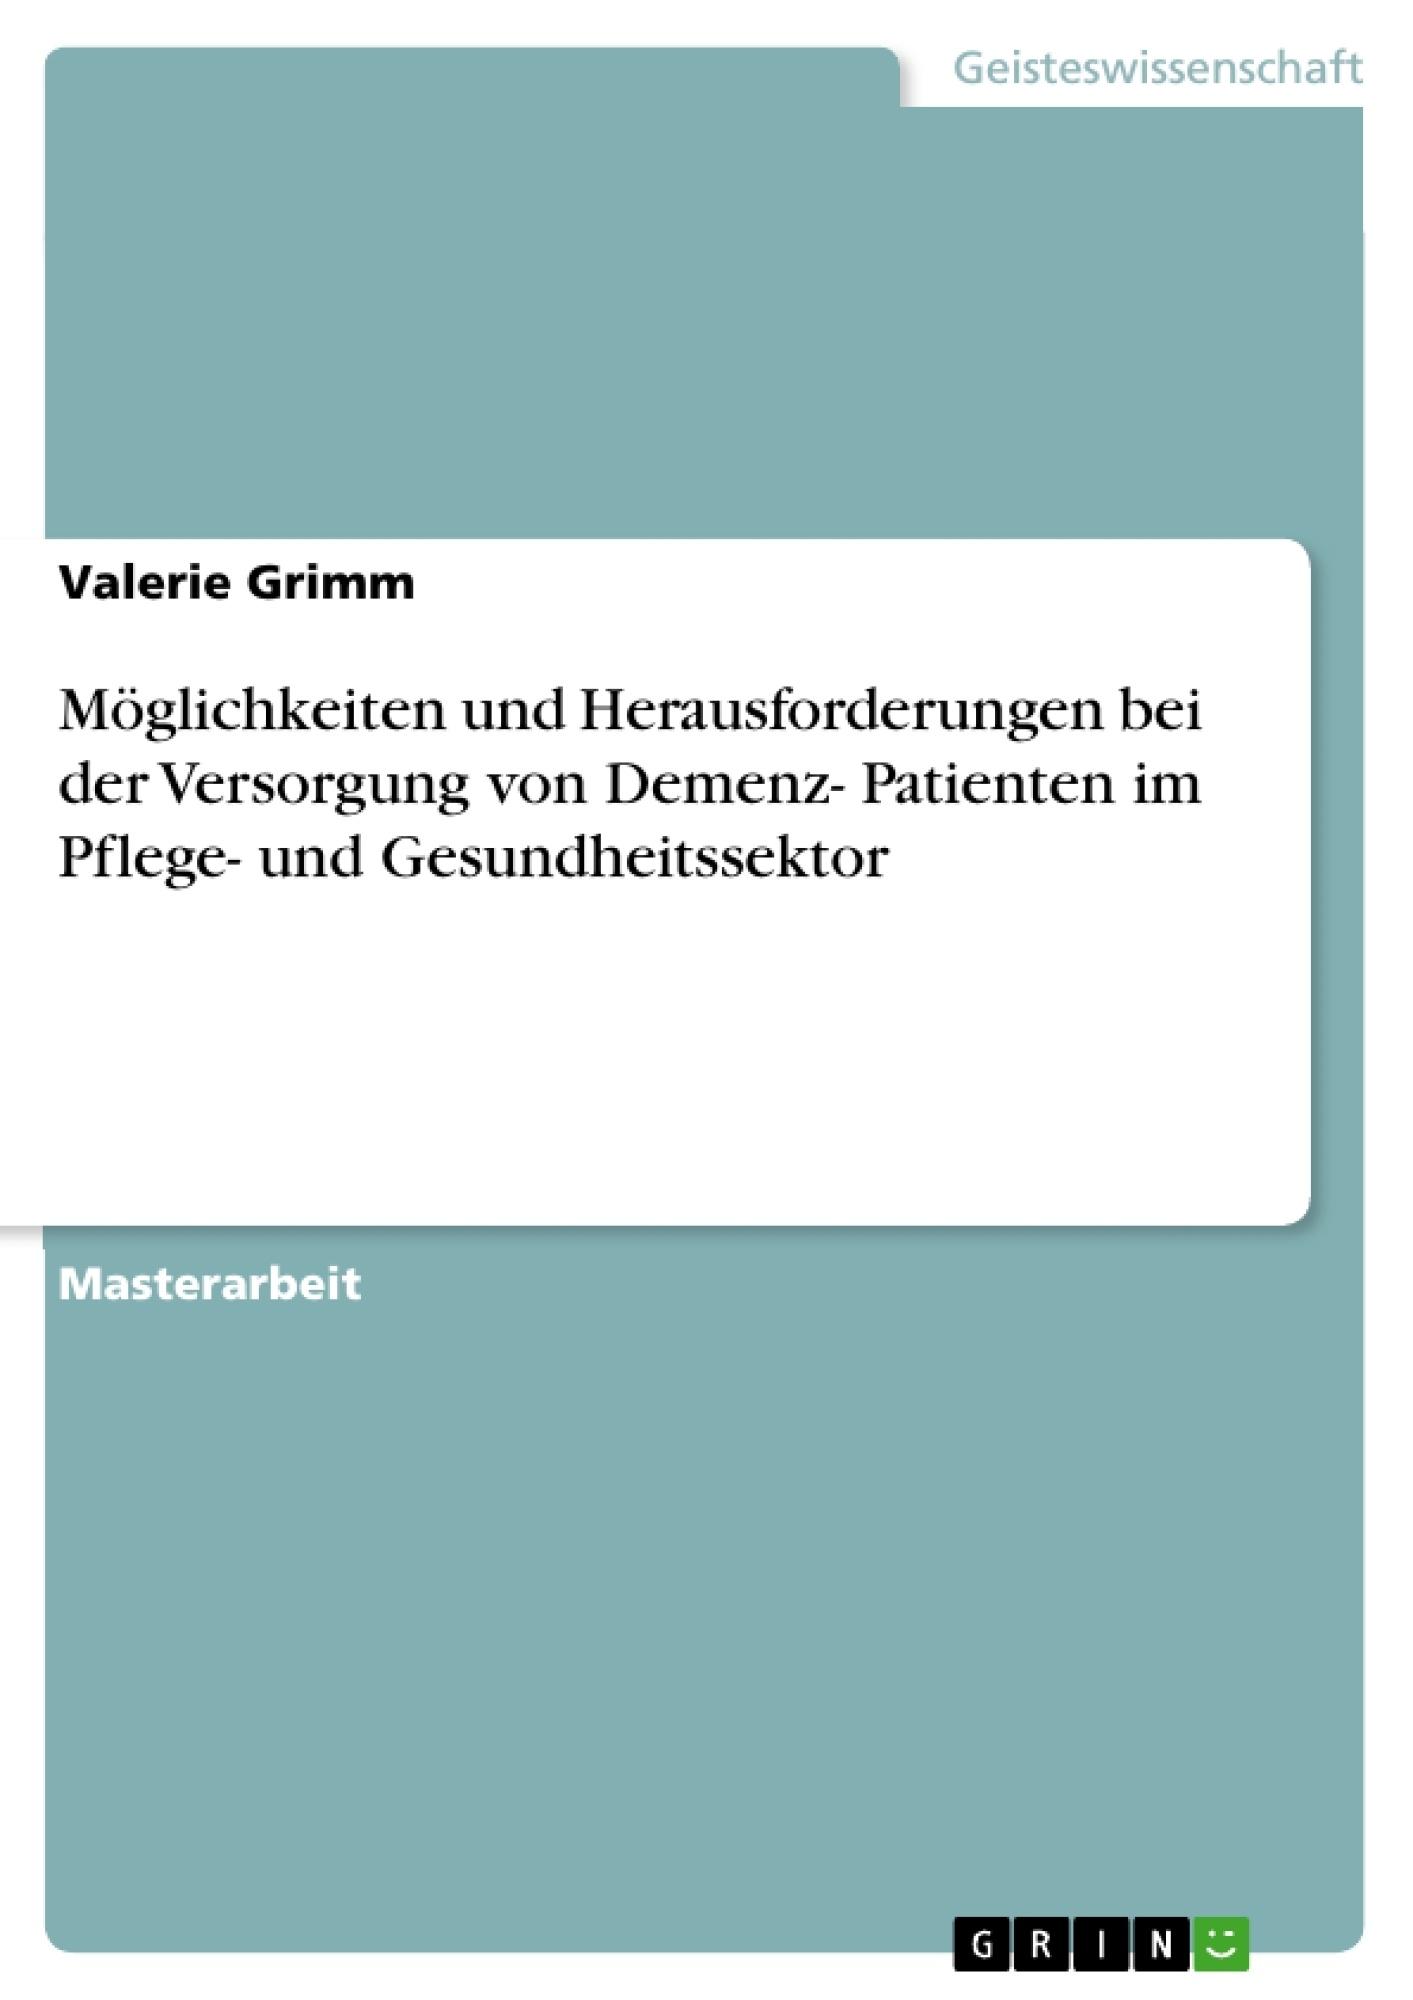 Titel: Möglichkeiten und Herausforderungen bei der Versorgung von Demenz- Patienten im Pflege- und Gesundheitssektor